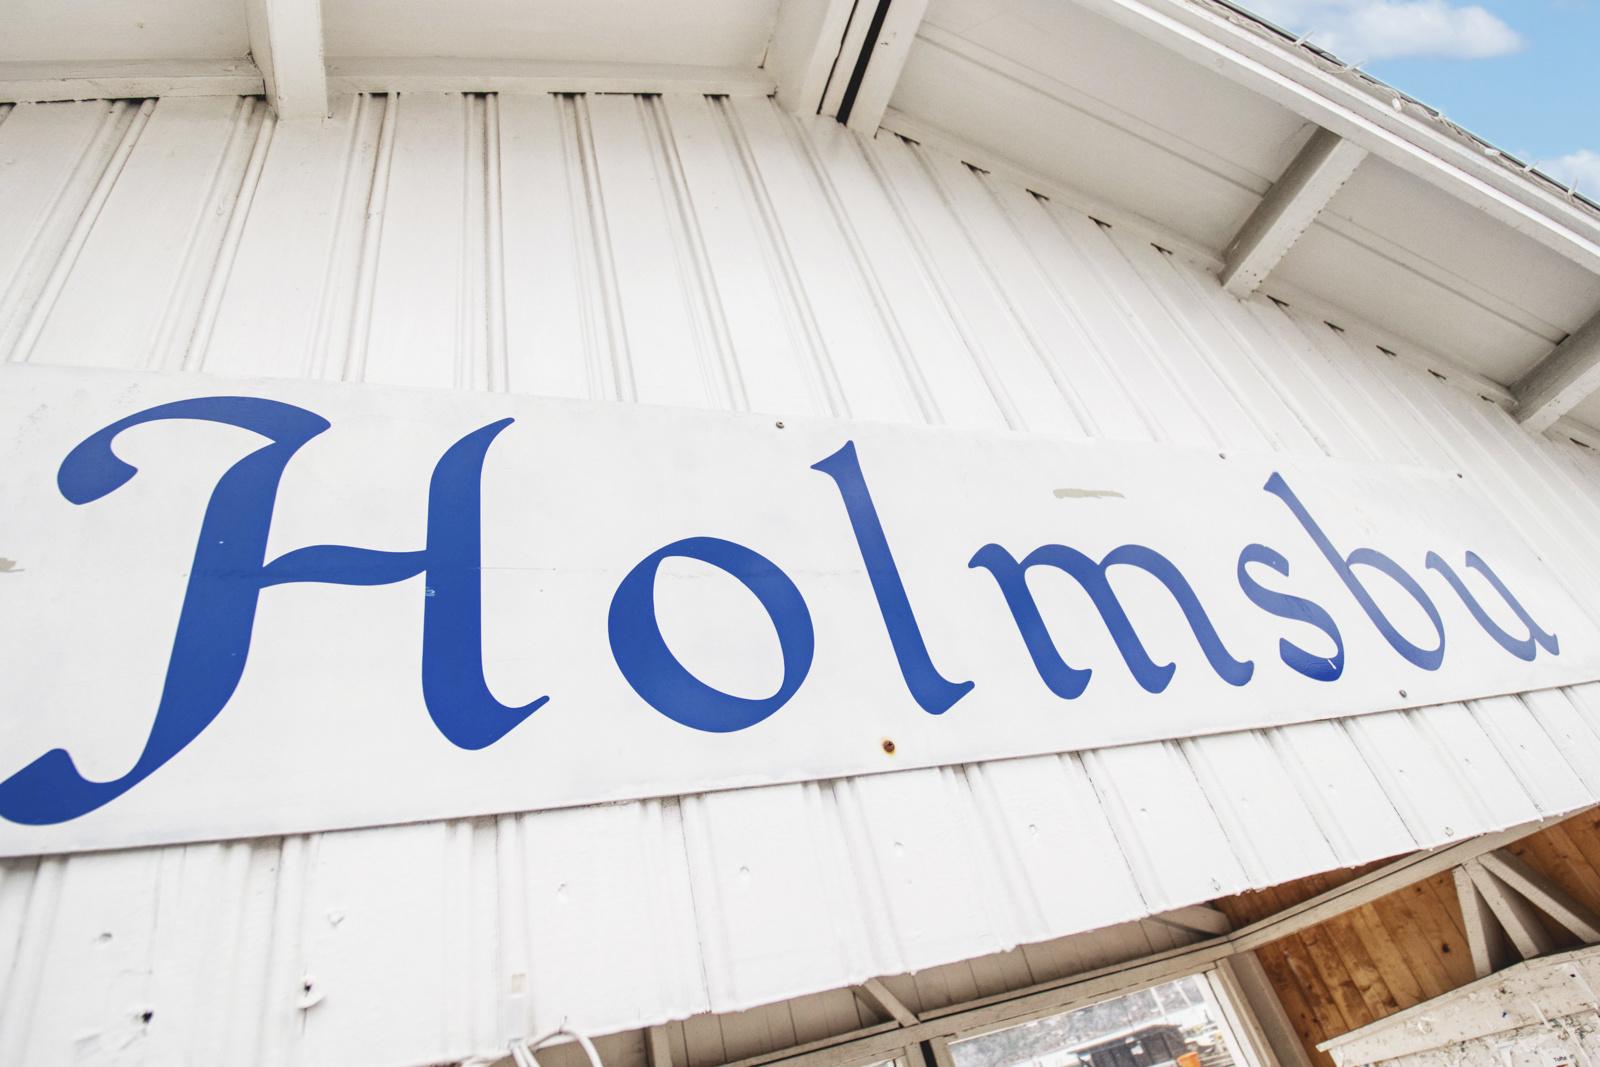 En liten kjøretur unna ligger Holmsbu med dagligvarebutikk, flere restauranter, sommerbutikker og eget Badehotell